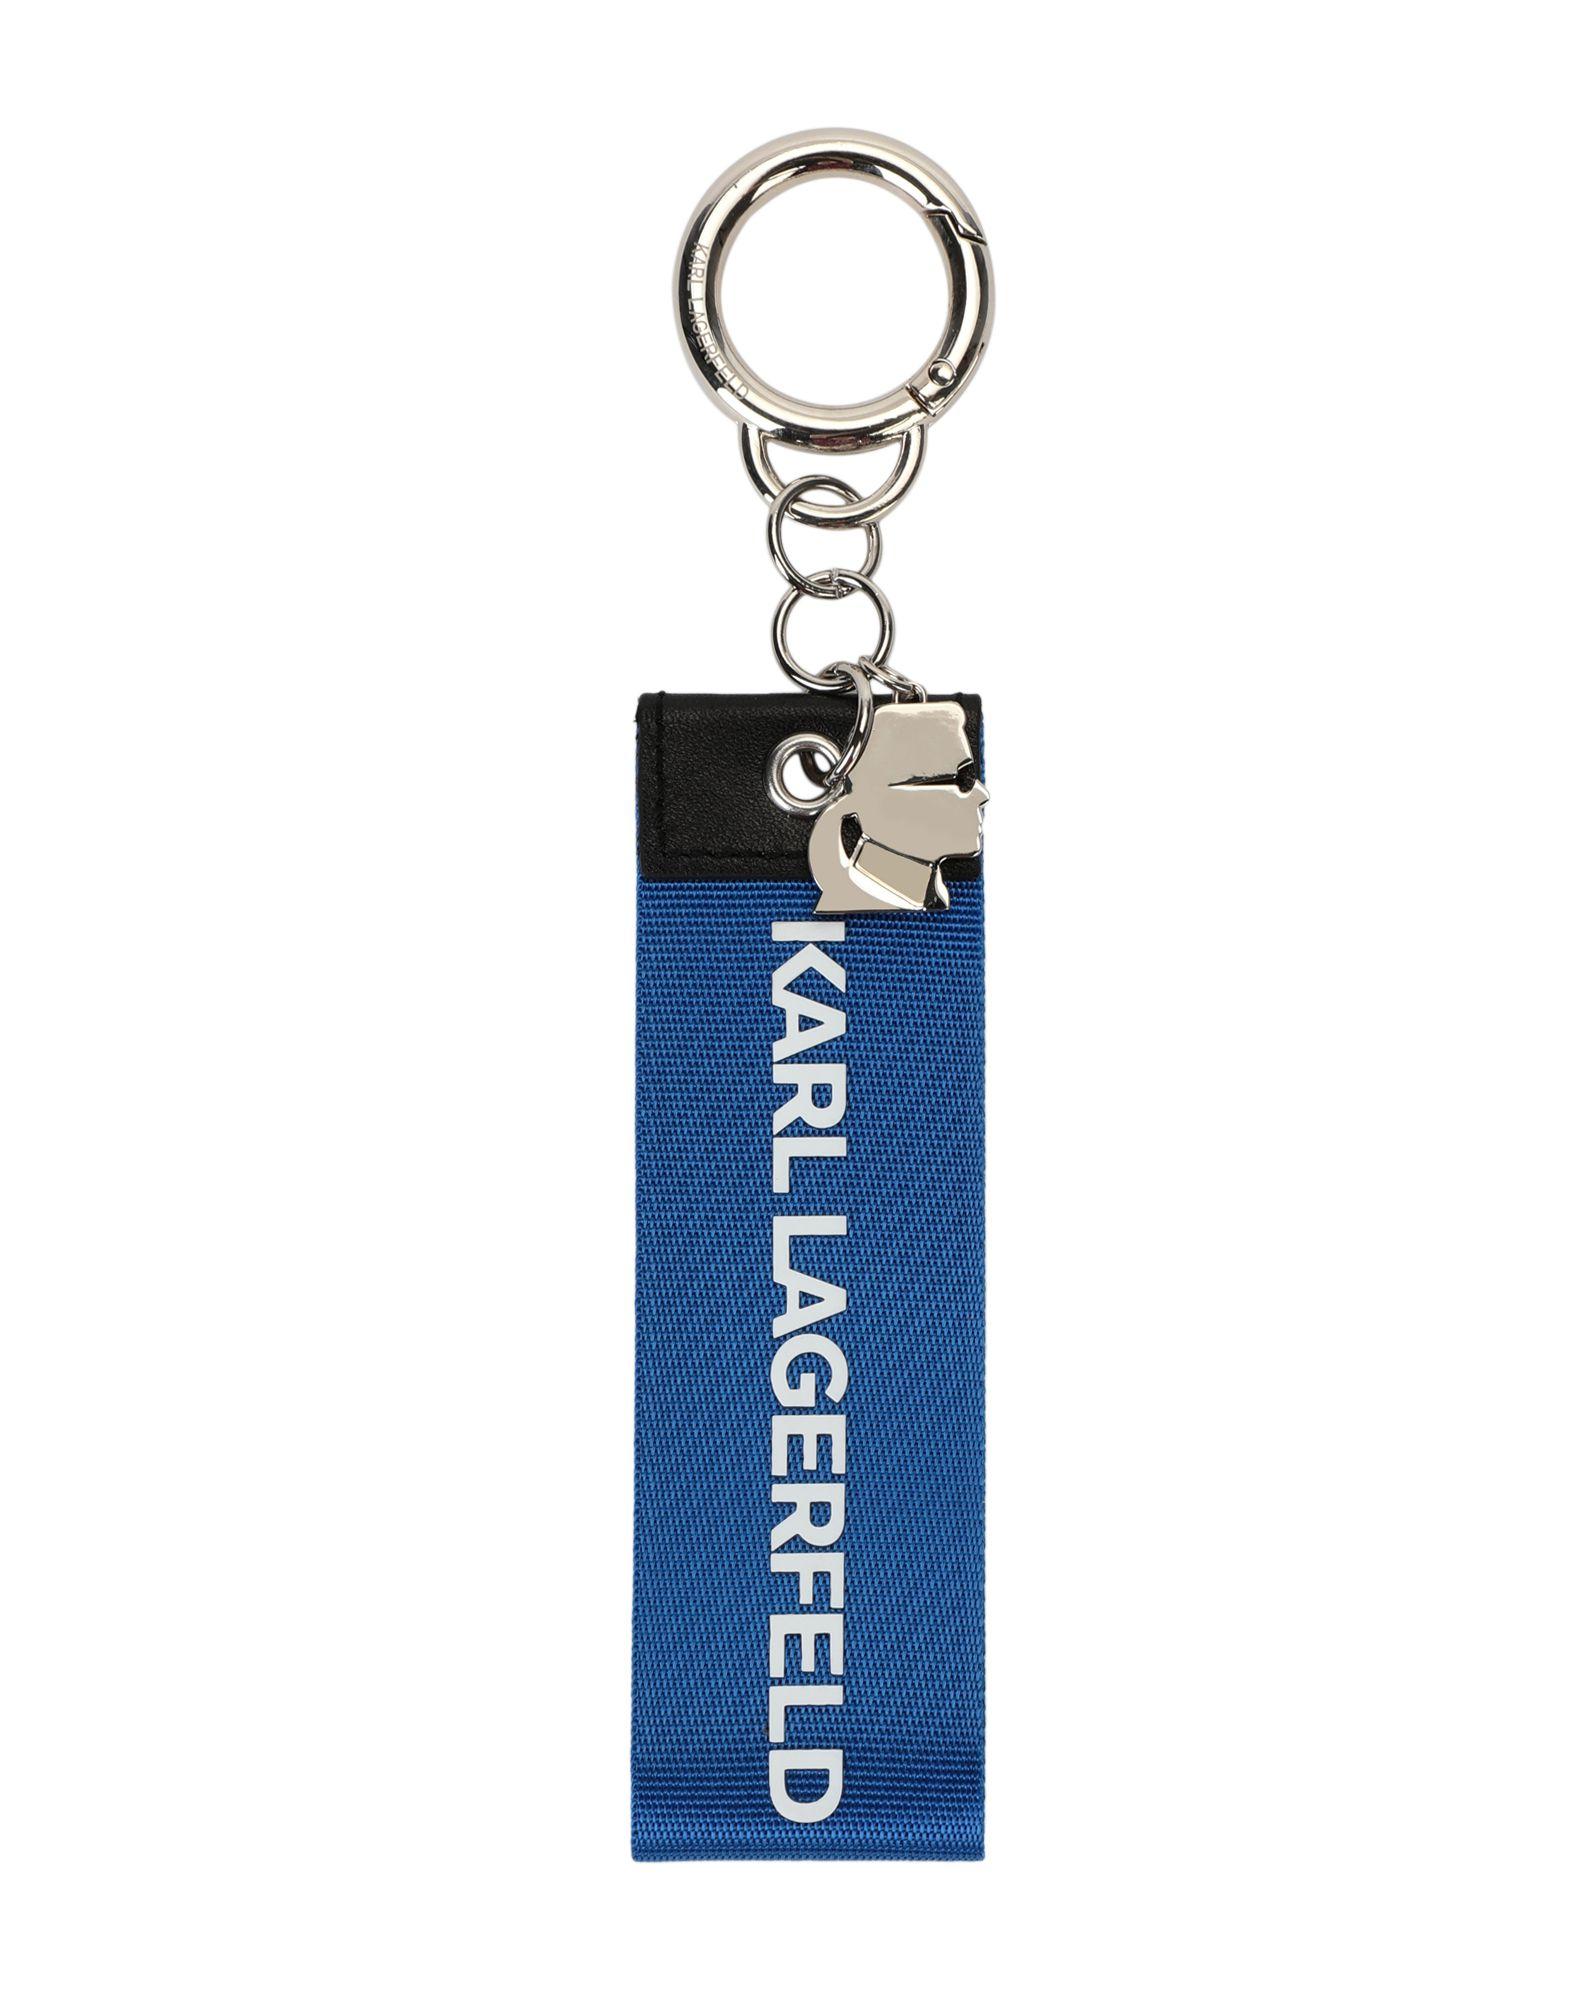 《セール開催中》KARL LAGERFELD レディース キーホルダー ブルー ナイロン 80% / 亜鉛 20%